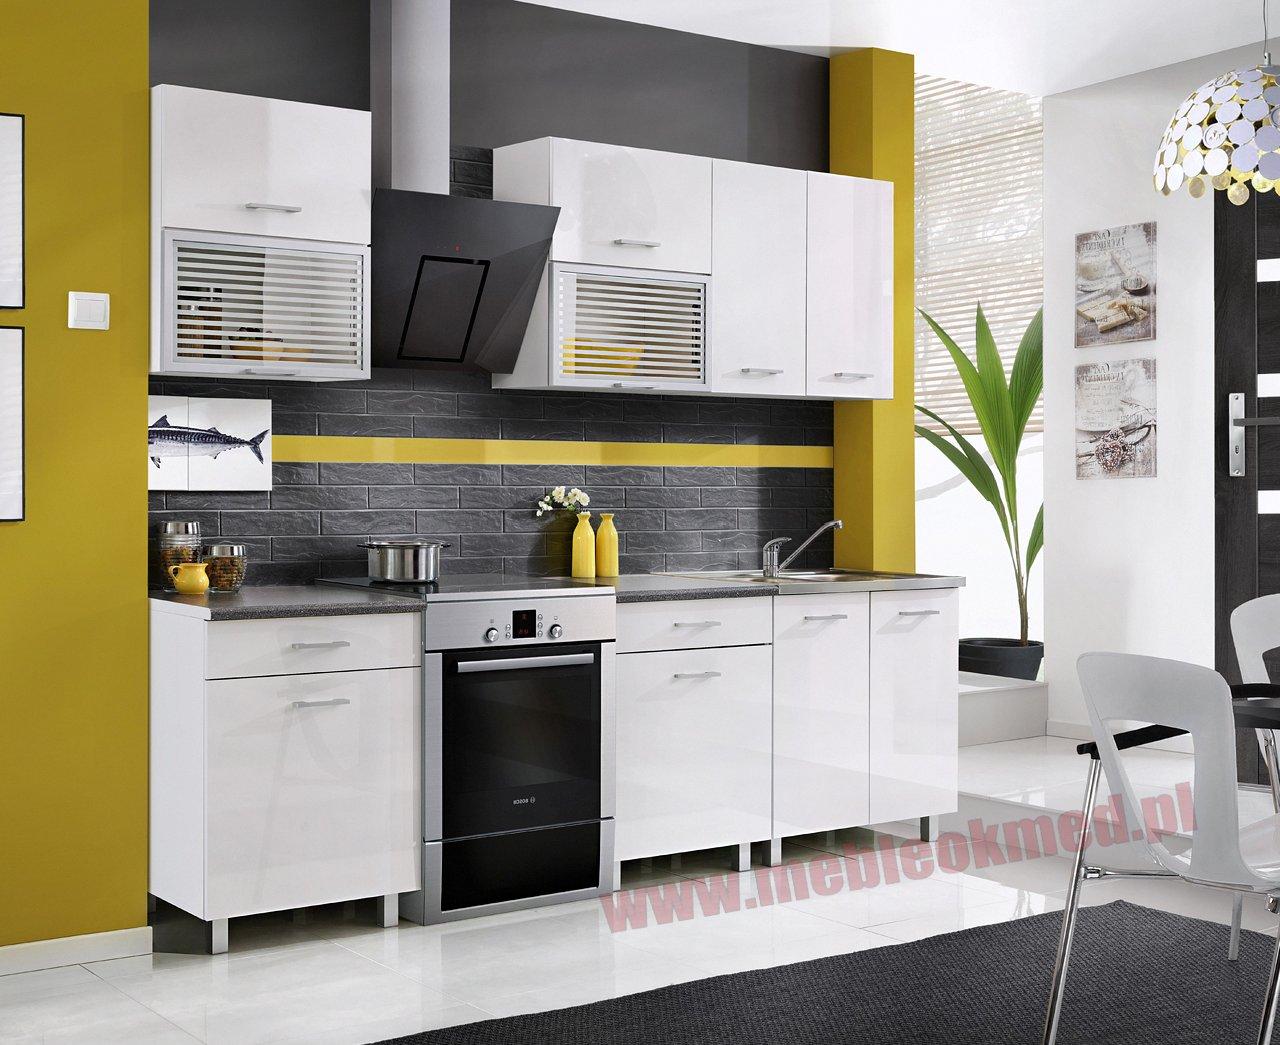 MEBLE OKMED – producent mebli Meble pokojowe, kuchenne, sypialne, młodzieżow   -> Leroy Merlin Kuchnia Fiona Biala